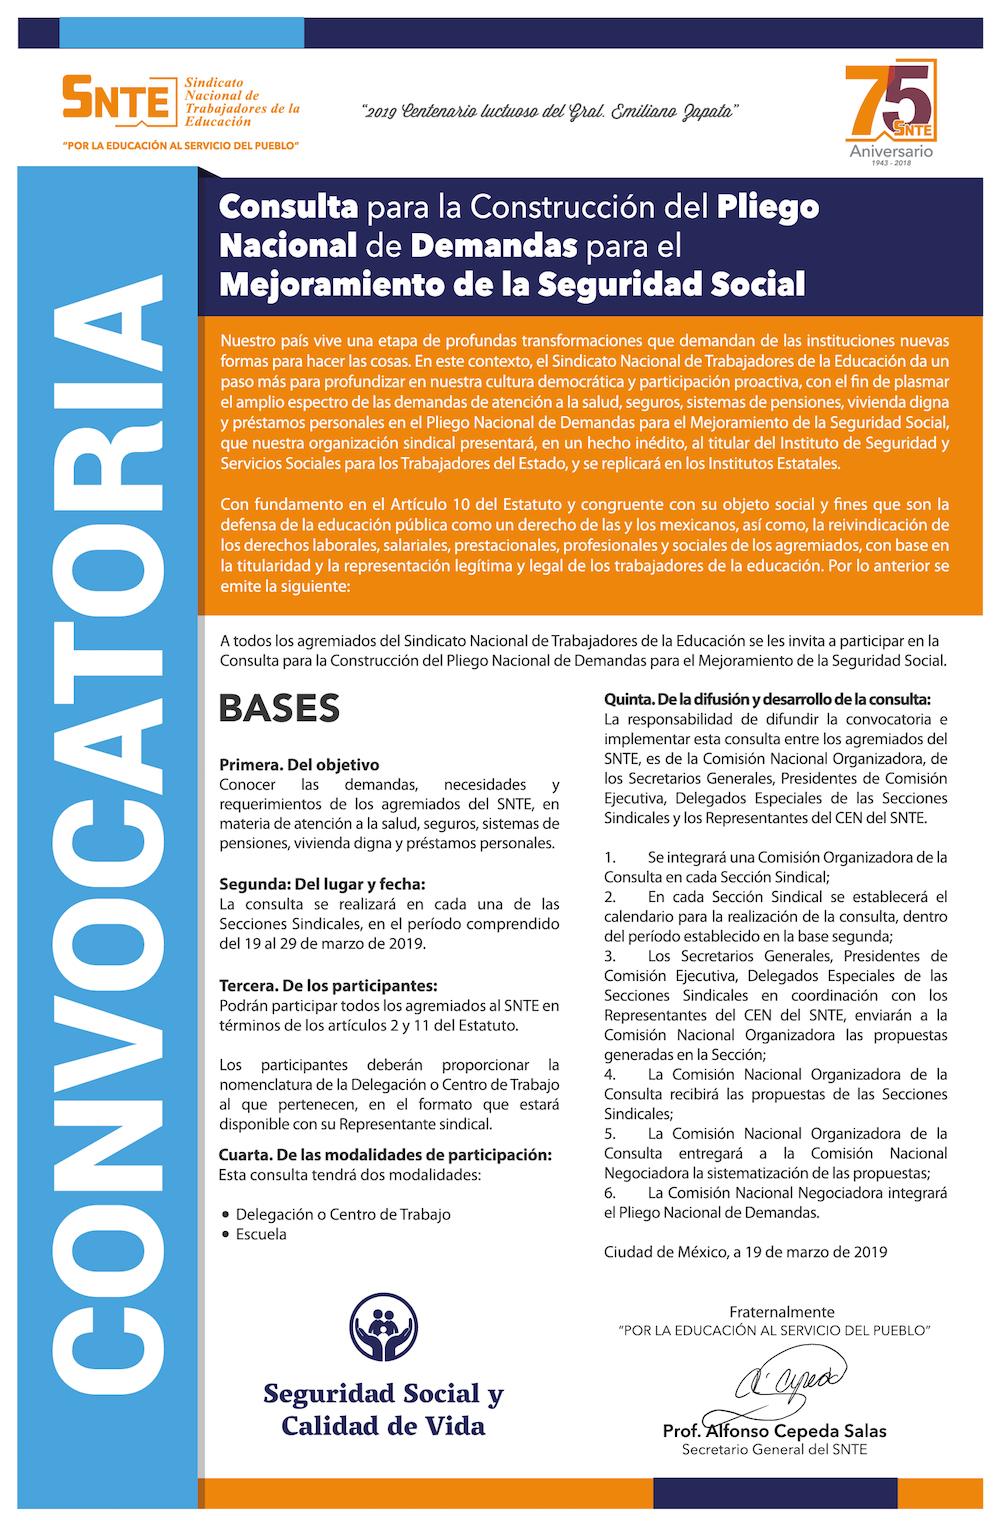 Convocatoria de la consulta para integrar el Pliego Nacional de Demandas para el Mejoramiento de la Seguridad Social